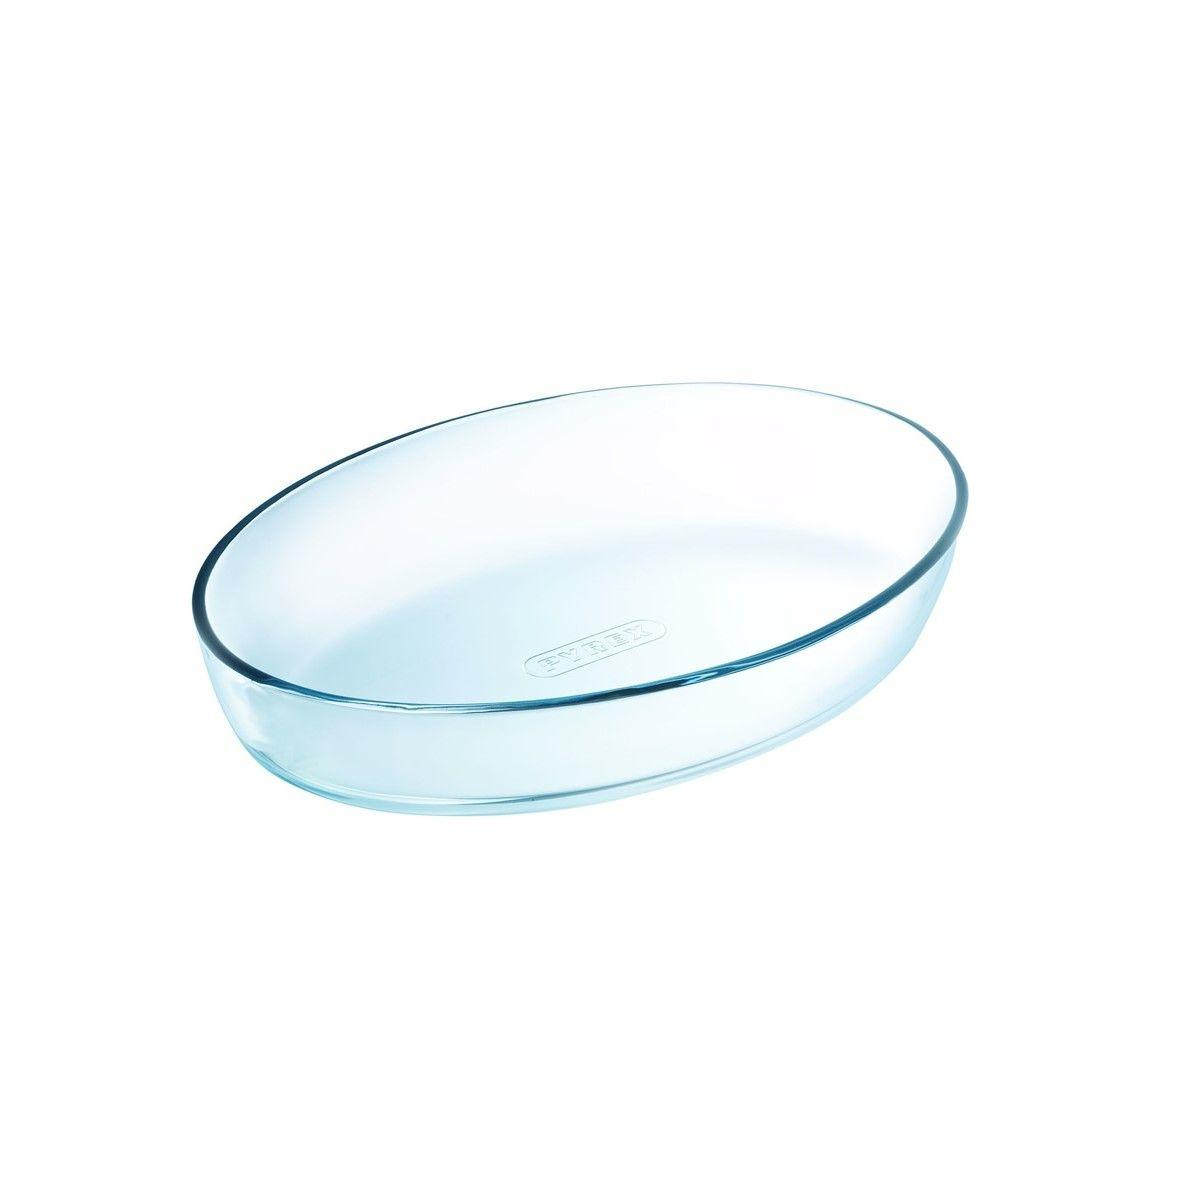 Plat à four ovale en verre transparent